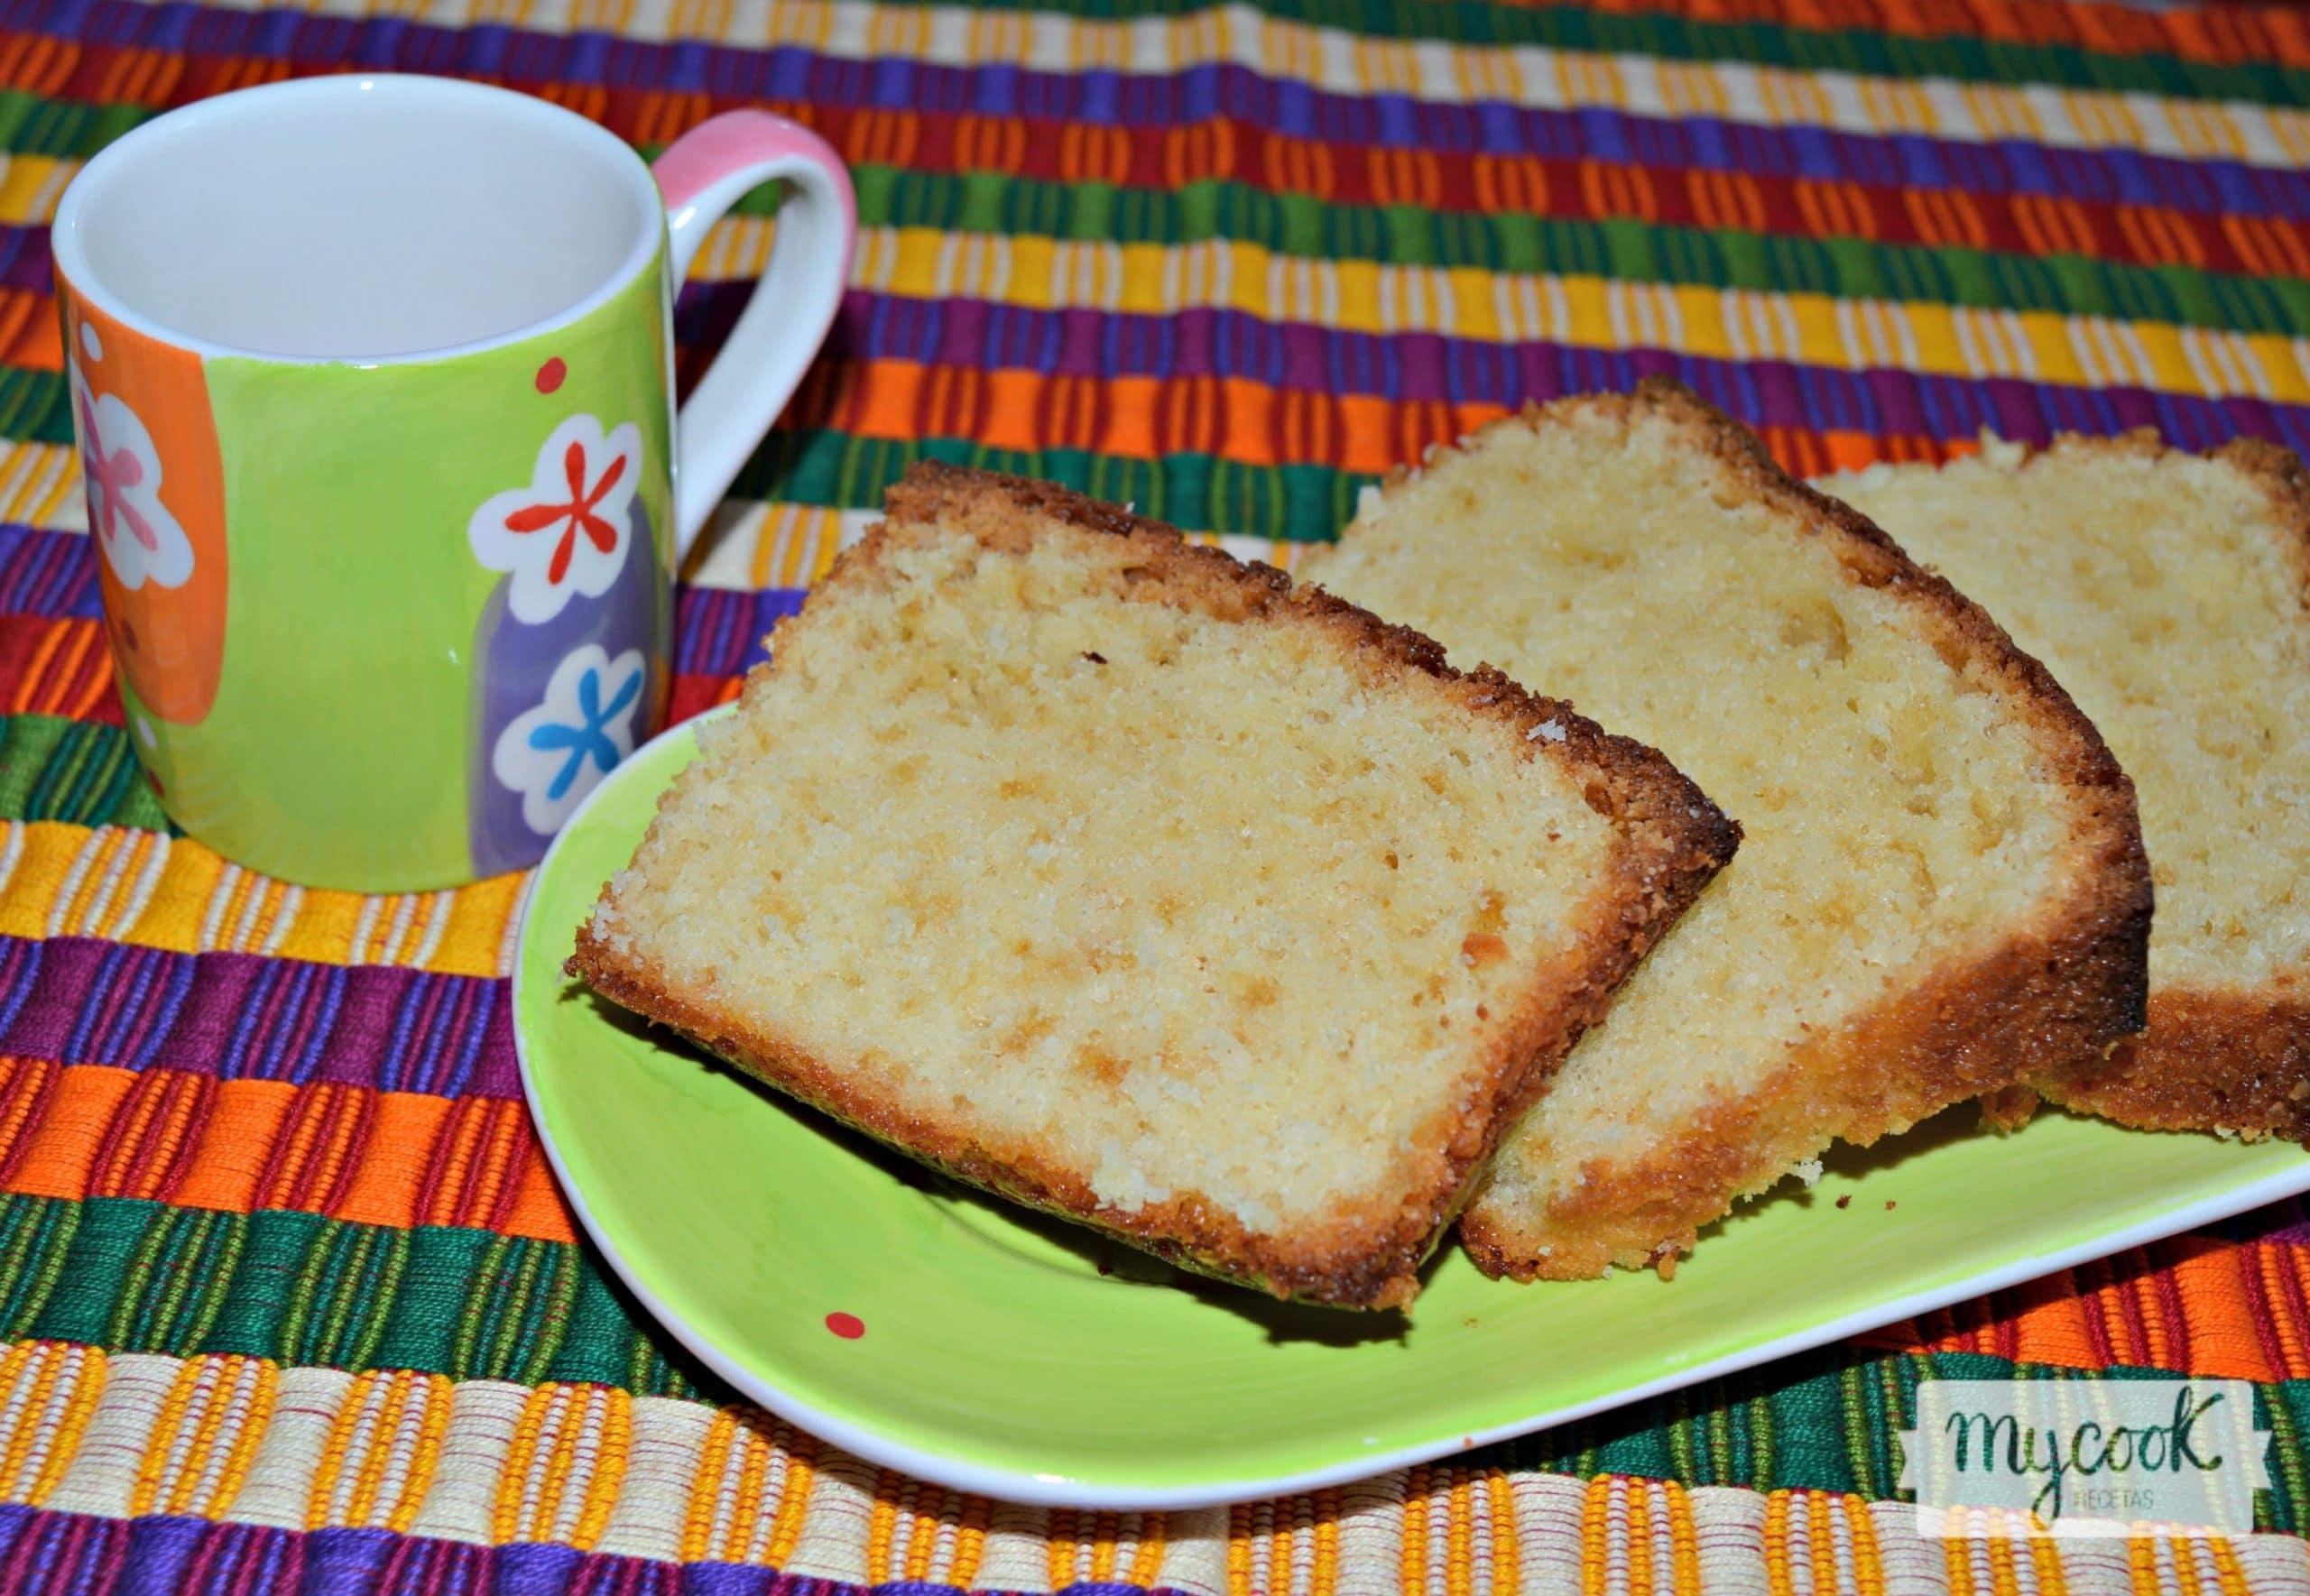 Bizcocho cl sico de yogur for Tiempo bizcocho yogur